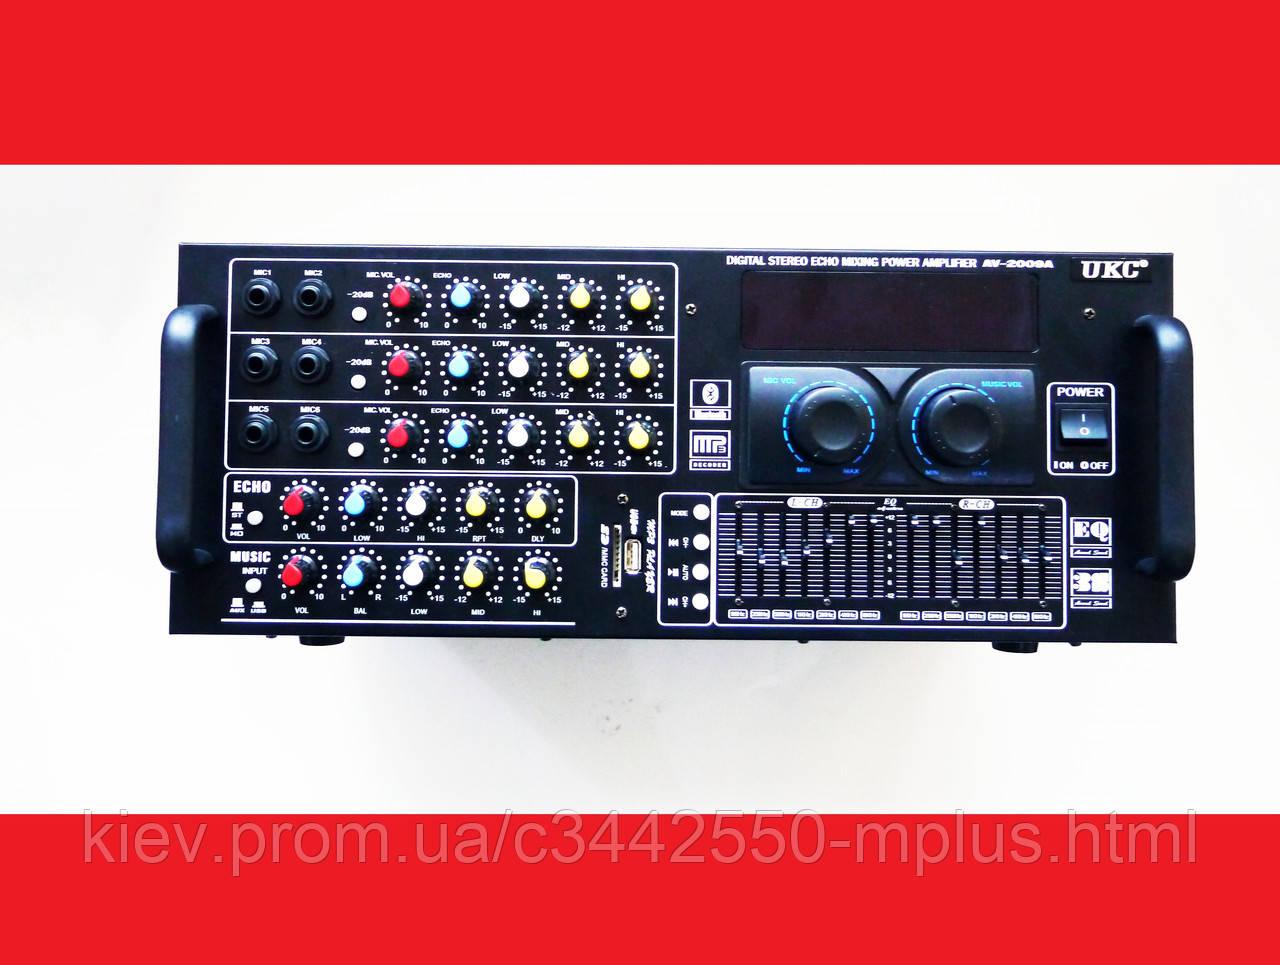 Усилитель UKC AV-2009A FM SD USB AUX Караоке 6xМикрофонов 8-канальный